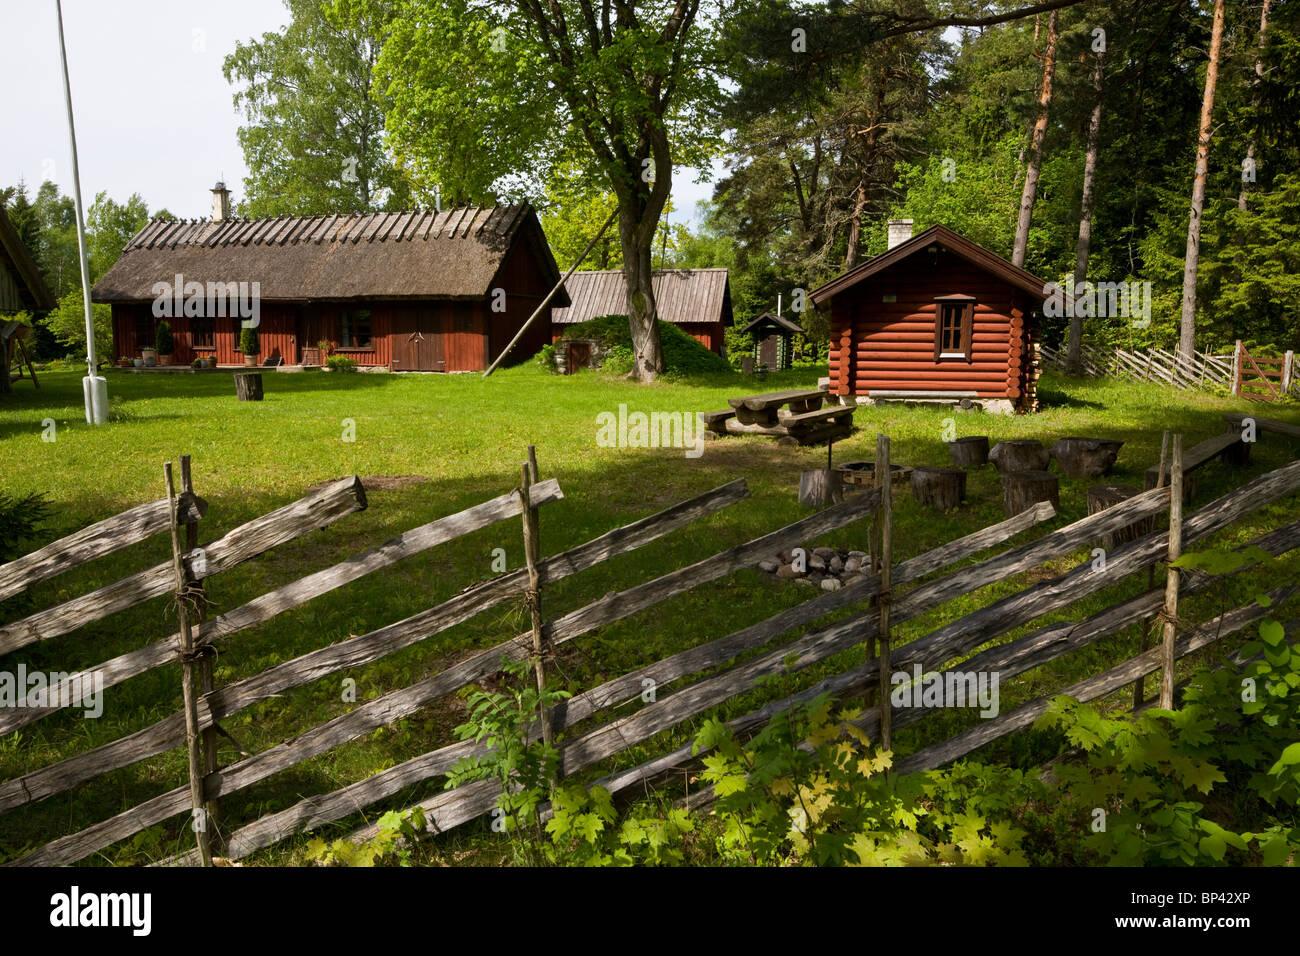 Traditional wood-fenced farmstead on Saarema island, Estonia - Stock Image